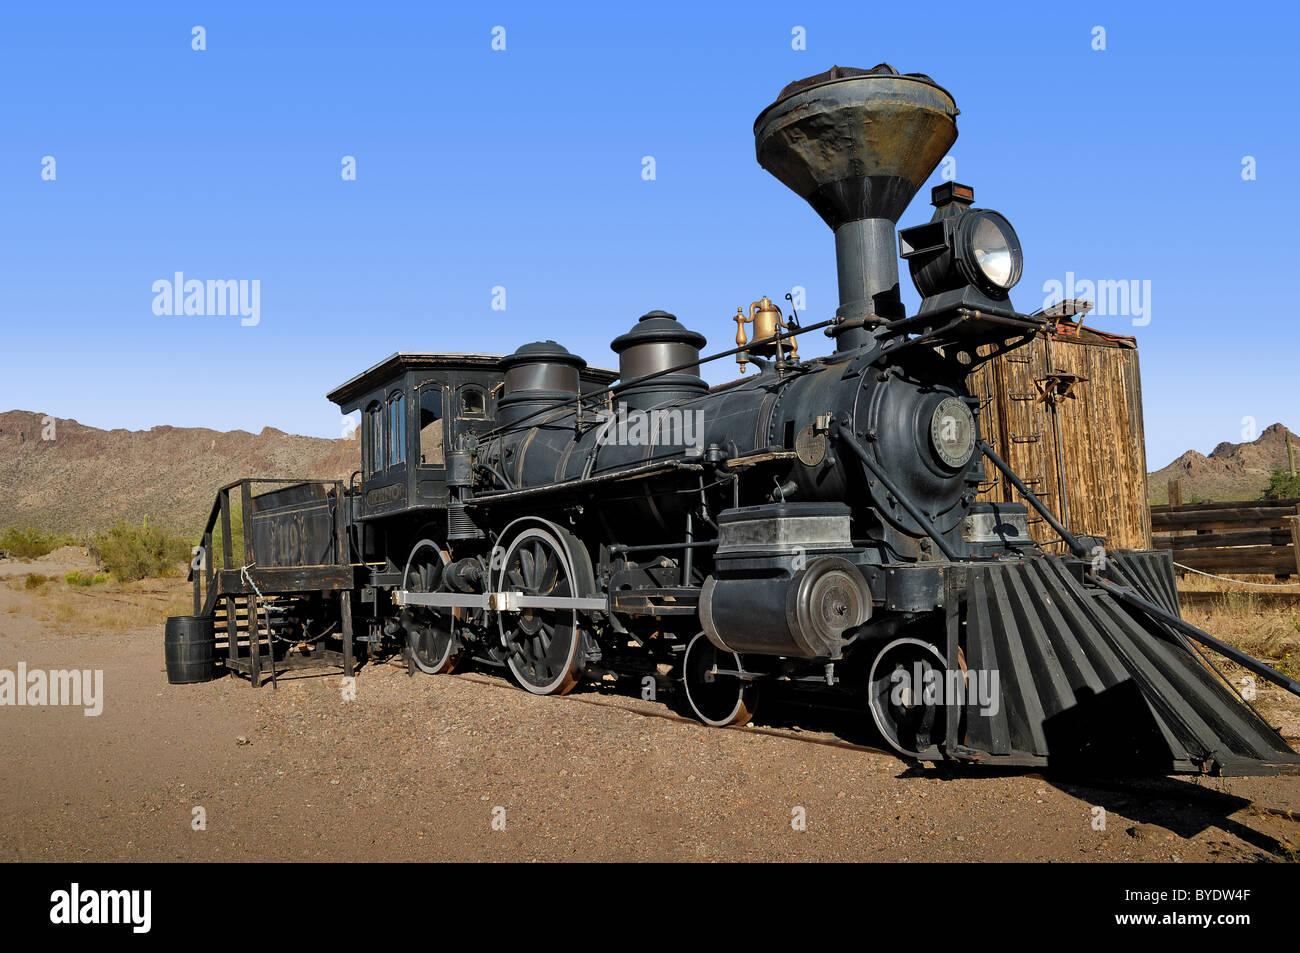 Vecchia Ferrovia Occidentale motore ora riposavano al vecchio Film Studios situato vicino a Tucson, Arizona, Stati Immagini Stock